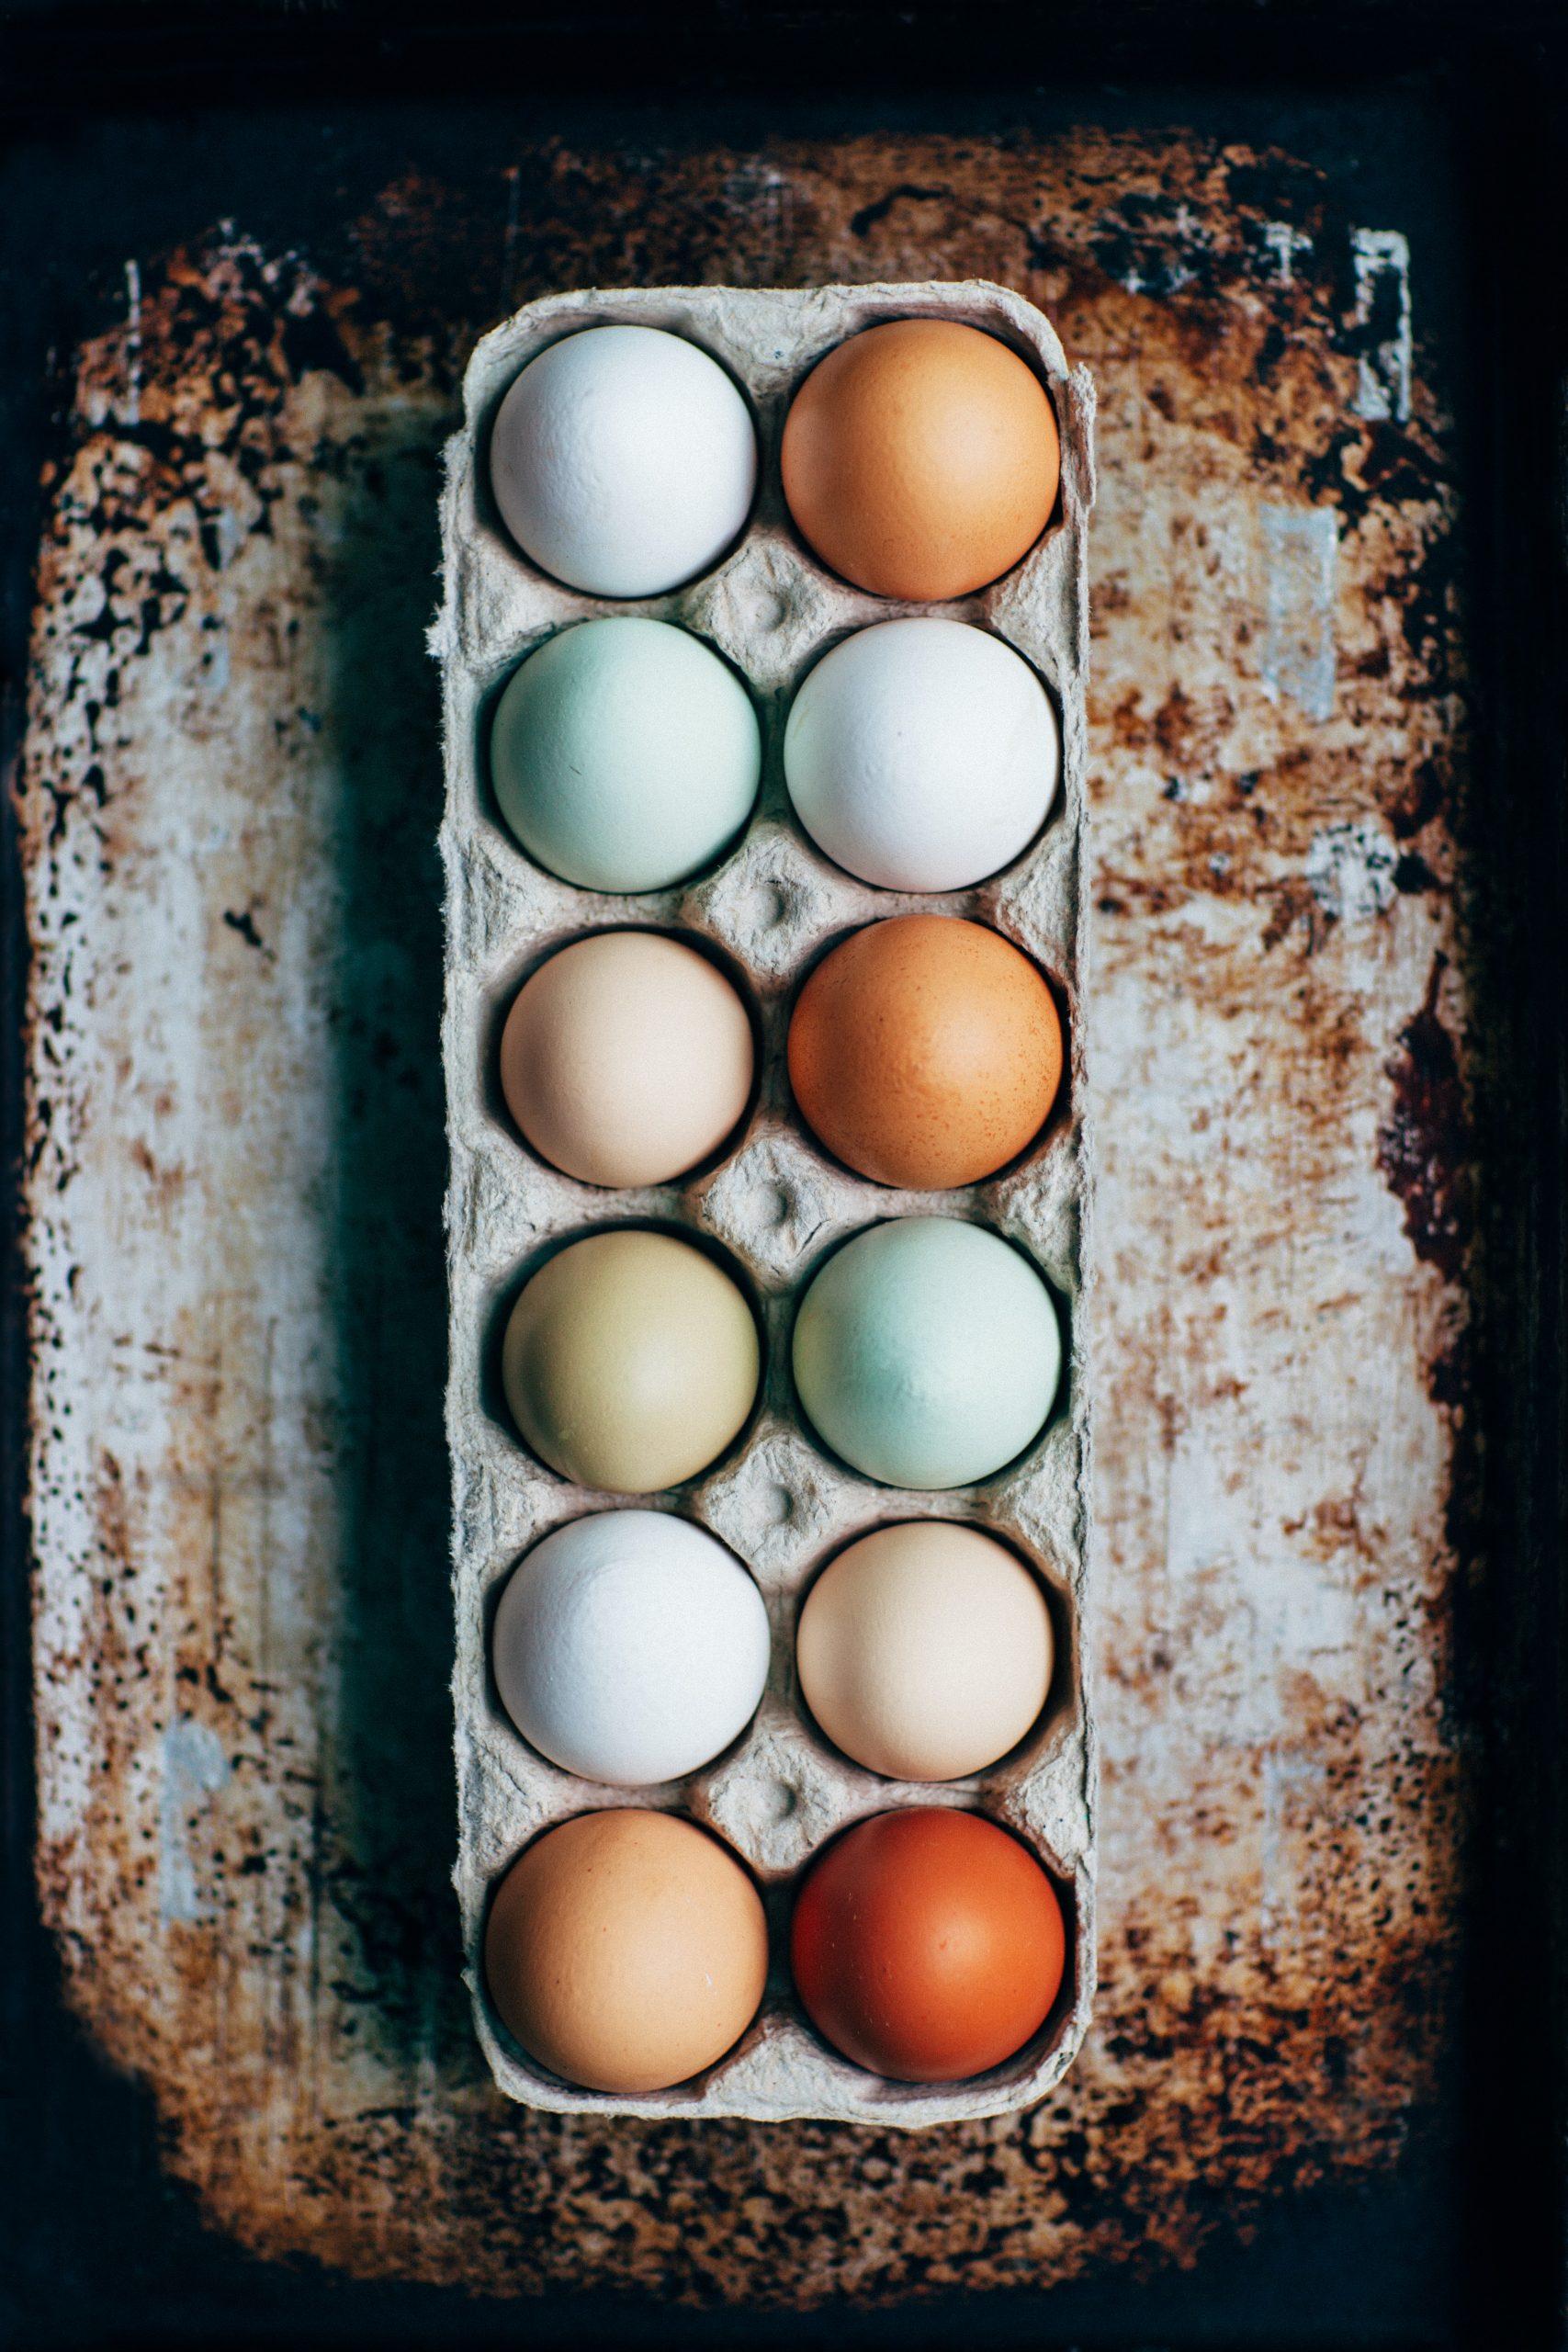 huevos de gallina, huevos en polvo, ecologista, huevos, alternativas al huevo, alternativas veganas al huevo, huevos líquidos, huevos veganos, alternativas veganas, tofu, brownies, comida vegana, alimentación vegana, Luxiders, comida, Zero Egg, mercado de comida vegana, huevos sostenibles, Just Egg, huevos revueltos, huevos a base de plantas,